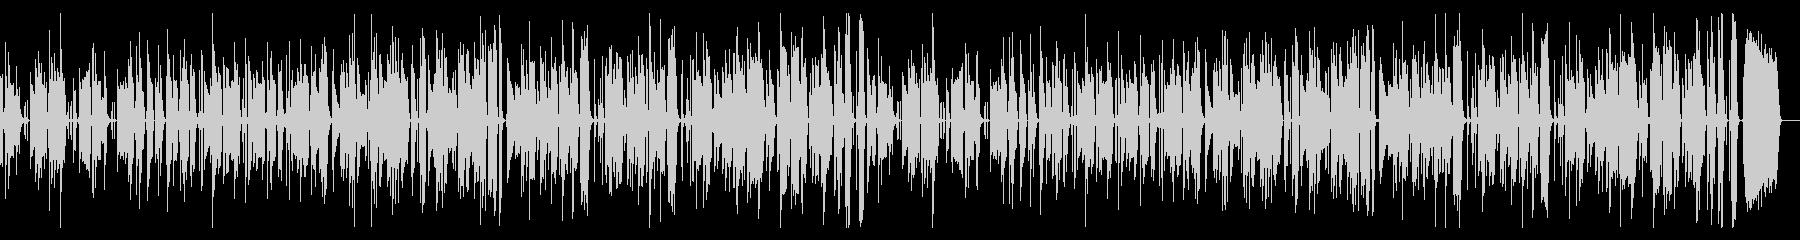 ほのぼのベースの未再生の波形